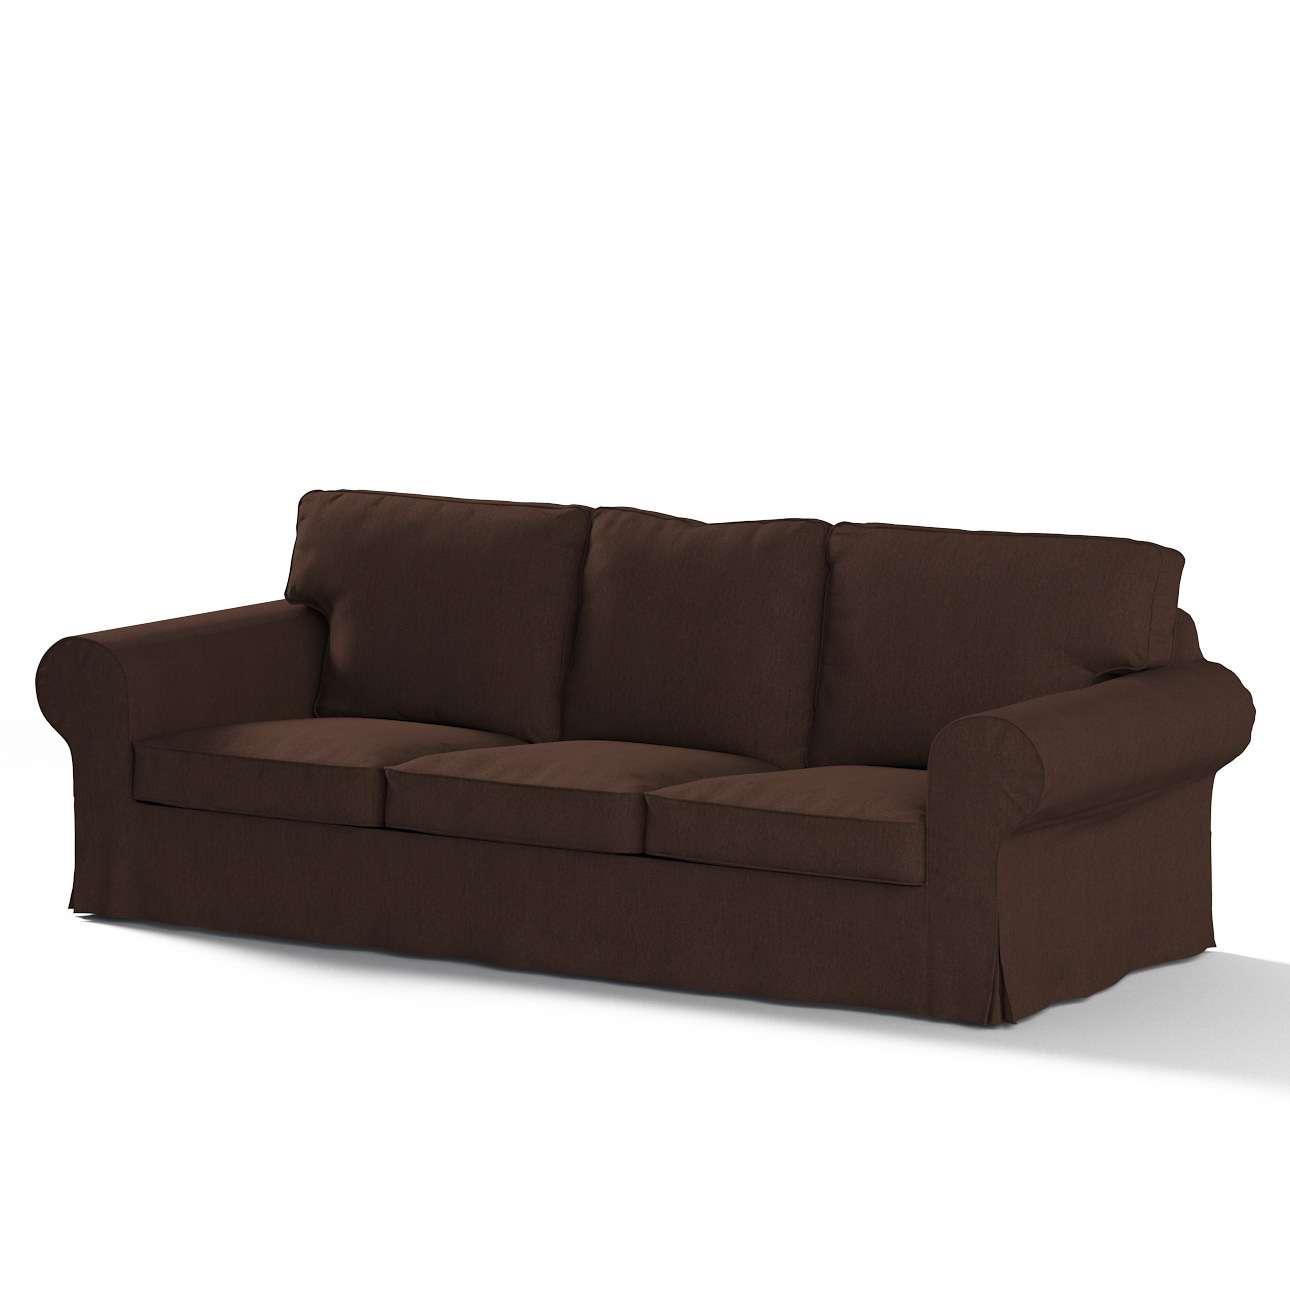 Potah na pohovku IKEA  Ektorp 3-místná, nerozkládací pohovka Ektorp 3-místná v kolekci Chenille , látka: 702-18